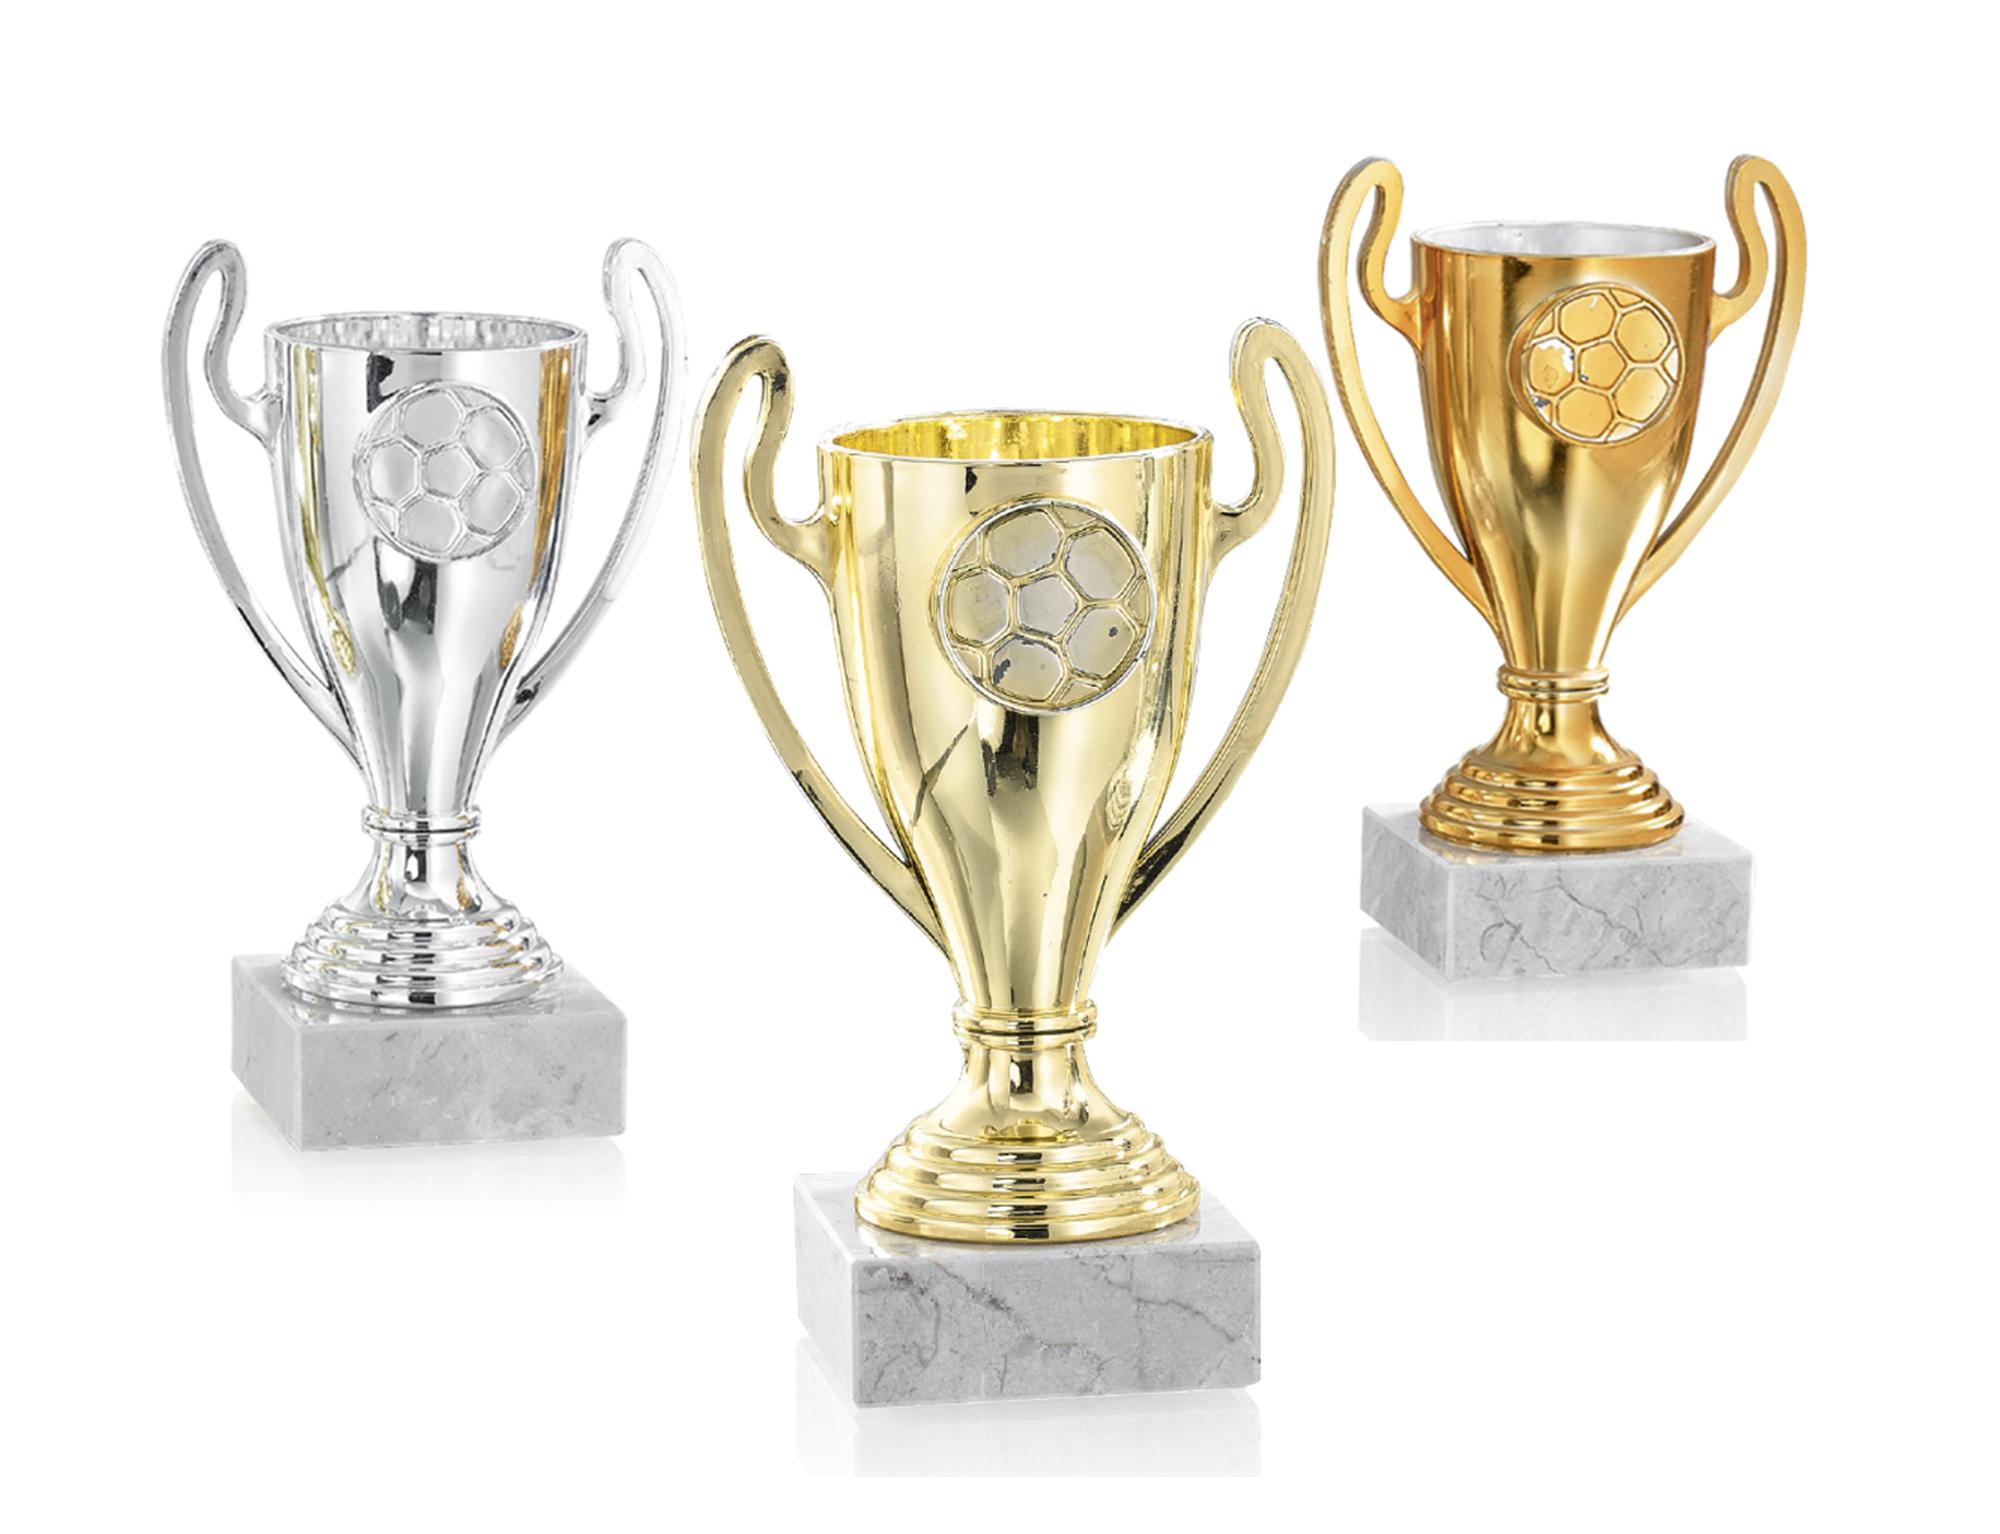 Pokale aus 3er Pokalserie: 9-97-0941 - 9-97-0943, 13 cm